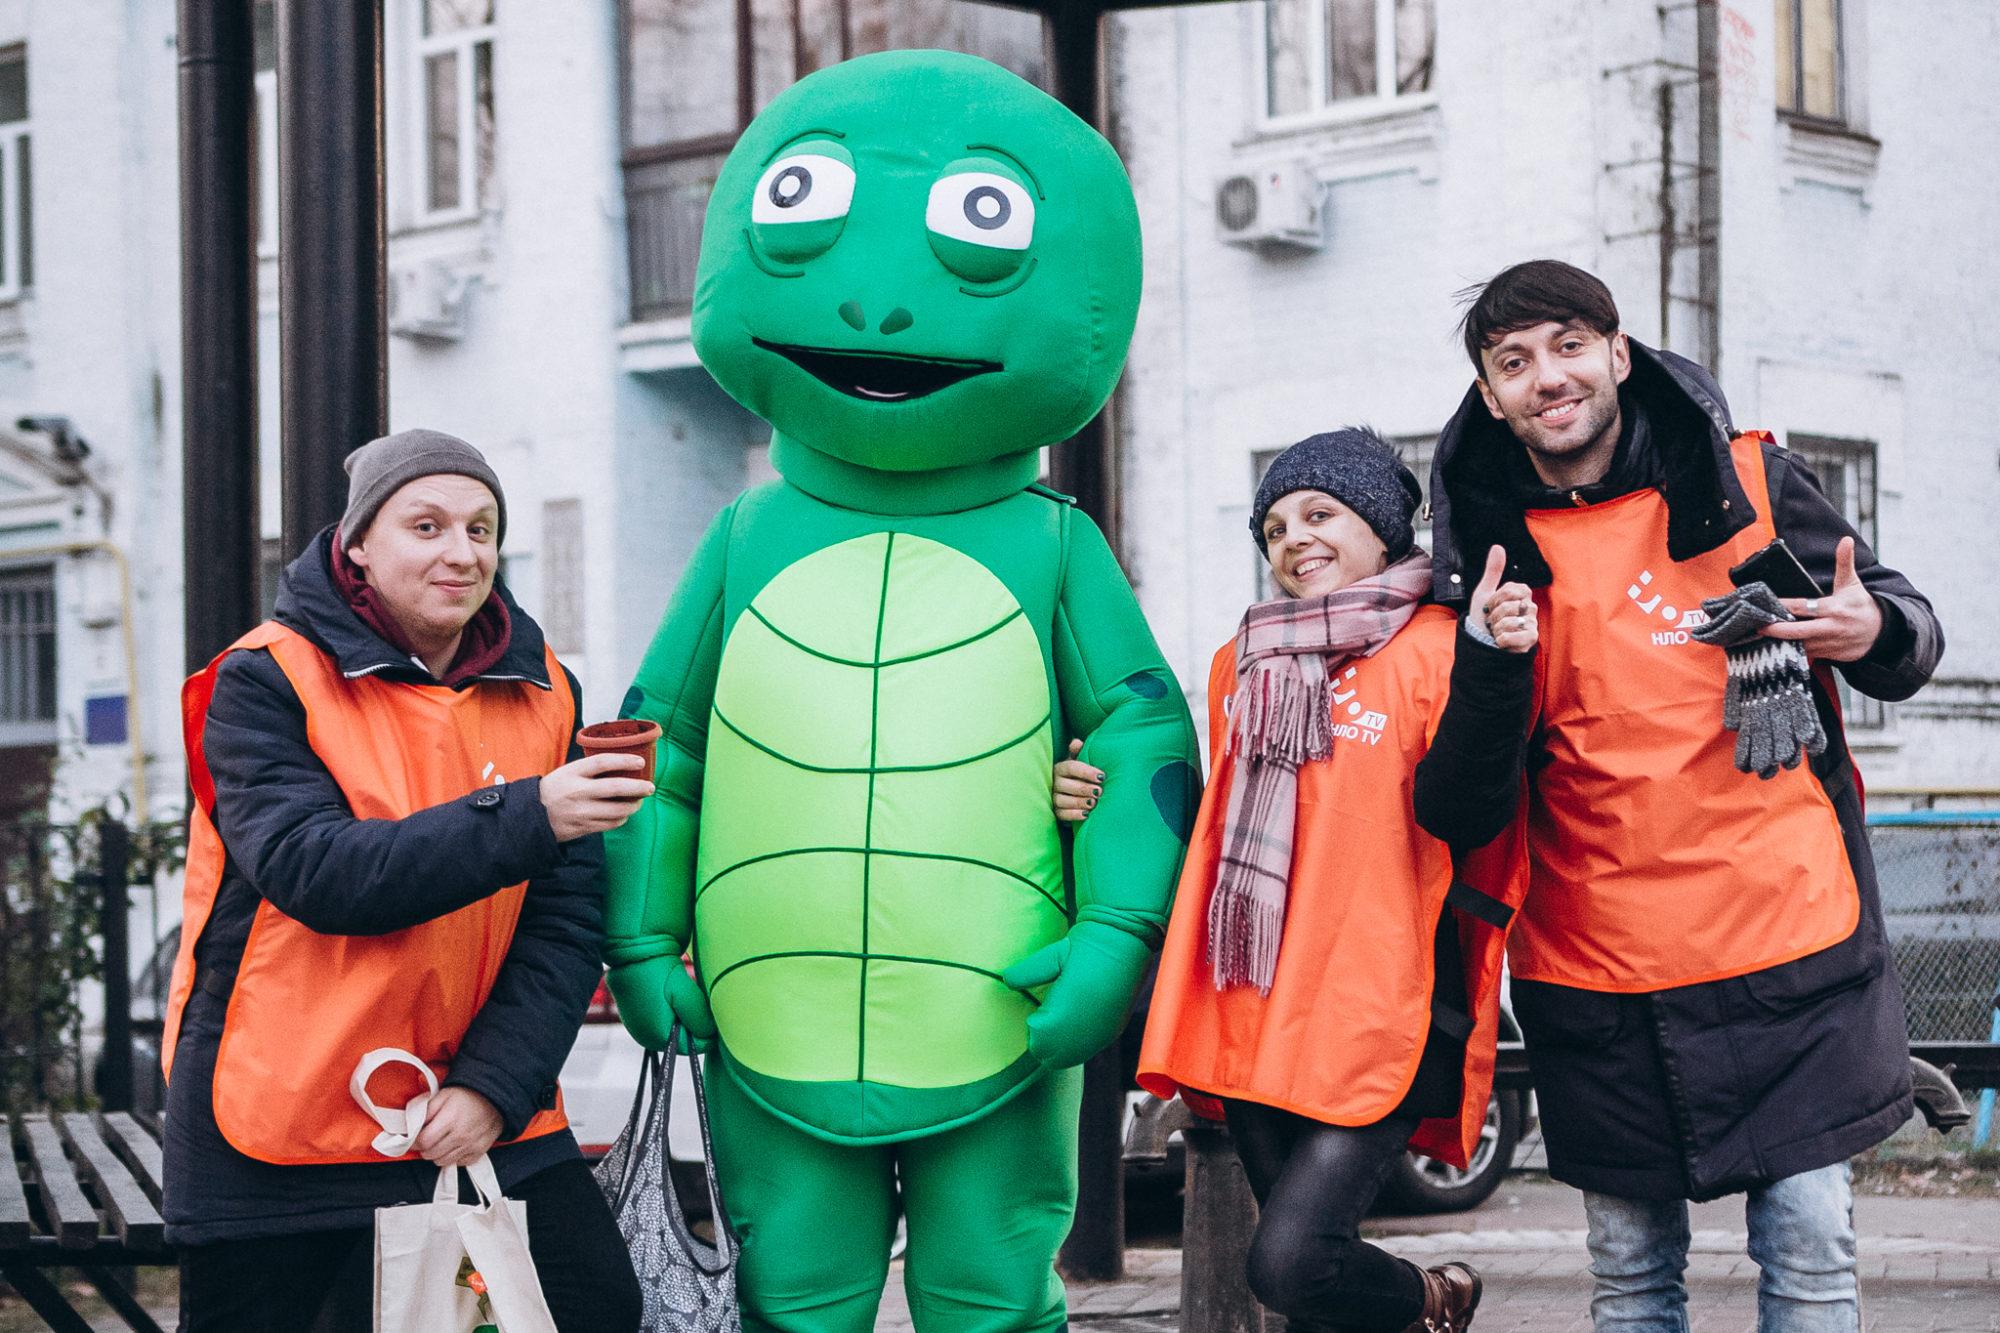 10_bot2-1-2000x1333 В Україні запустили екологічного бота, який навчає сортувати сміття та піклуватися про довкілля